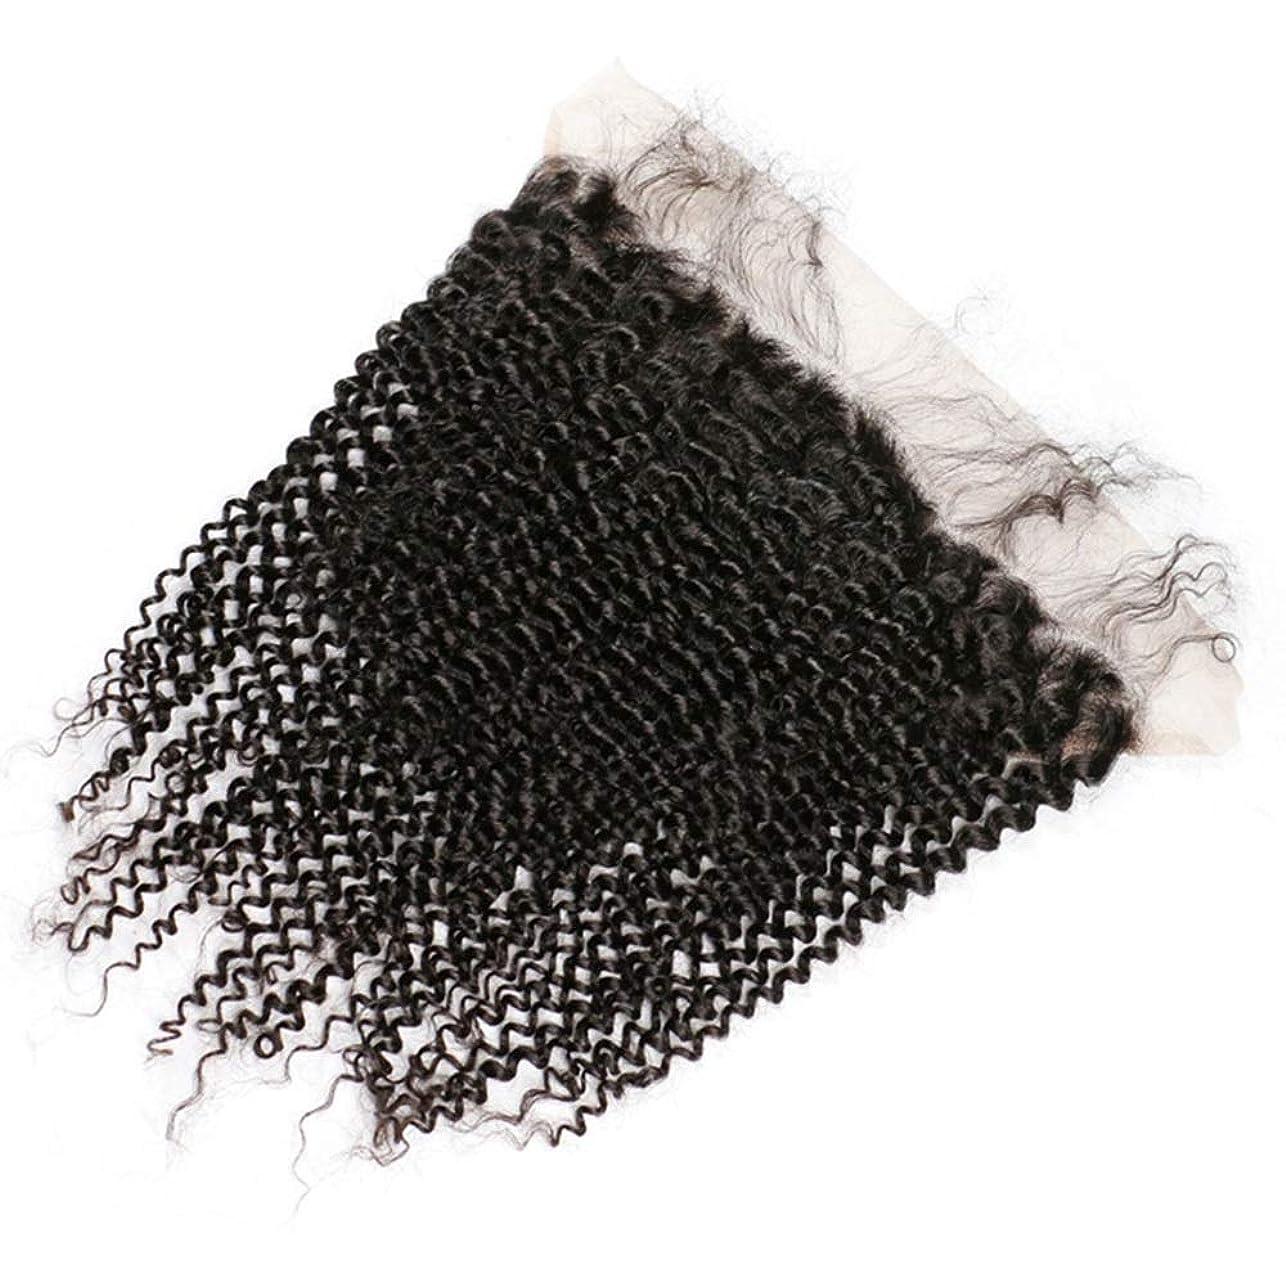 アセンブリ定期的に修理工Yrattary レースの閉鎖人間の髪の毛ブラジルストレート人間の髪の毛の耳に自然な色合成髪レースかつらで13 x 4自由な部分前頭ロールプレイングかつら (色 : 黒, サイズ : 20 inch)